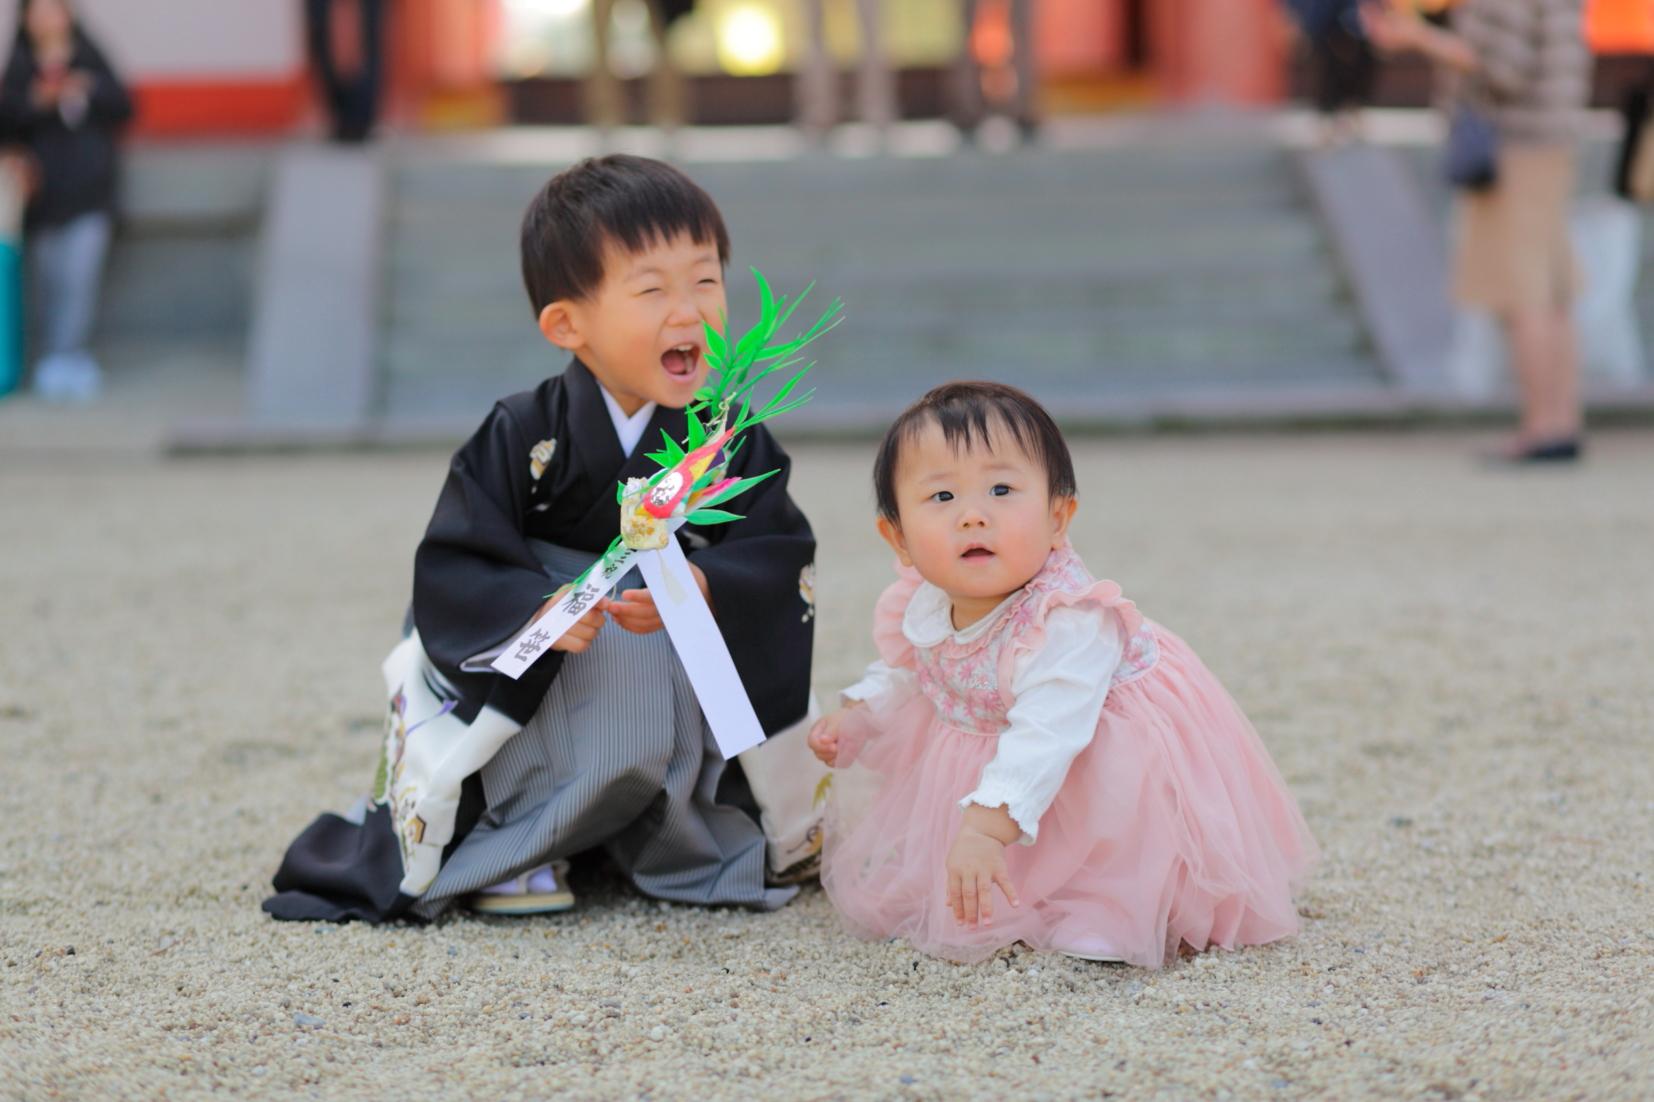 七五三詣り出張撮影 カメラマン撮影 京都出張撮影 同行撮影 あおぞら撮影